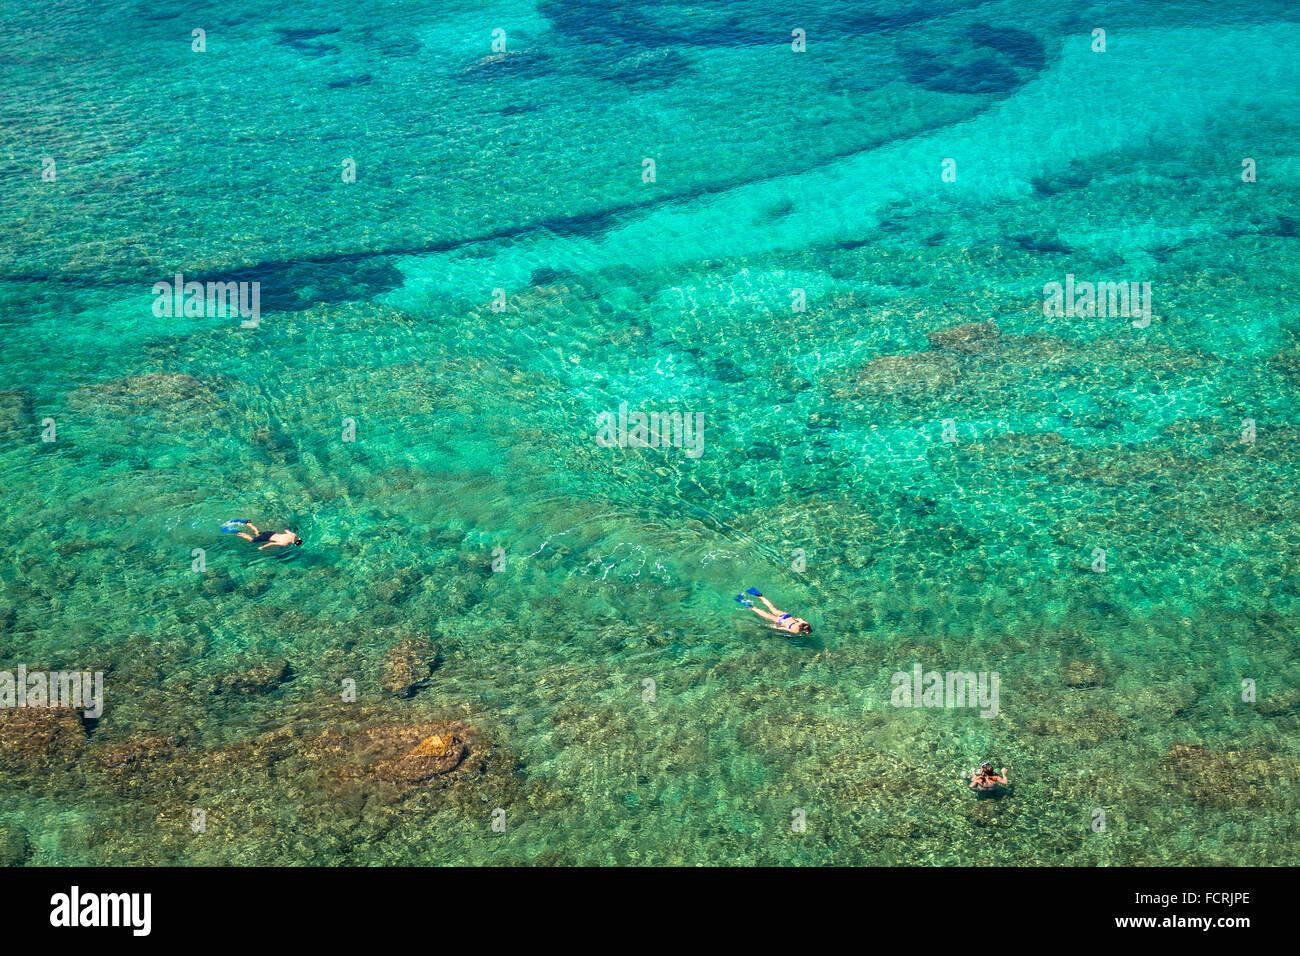 Ibiza Punta de Xarraca turquoise beach paradise in Balearic Islands - Stock Image